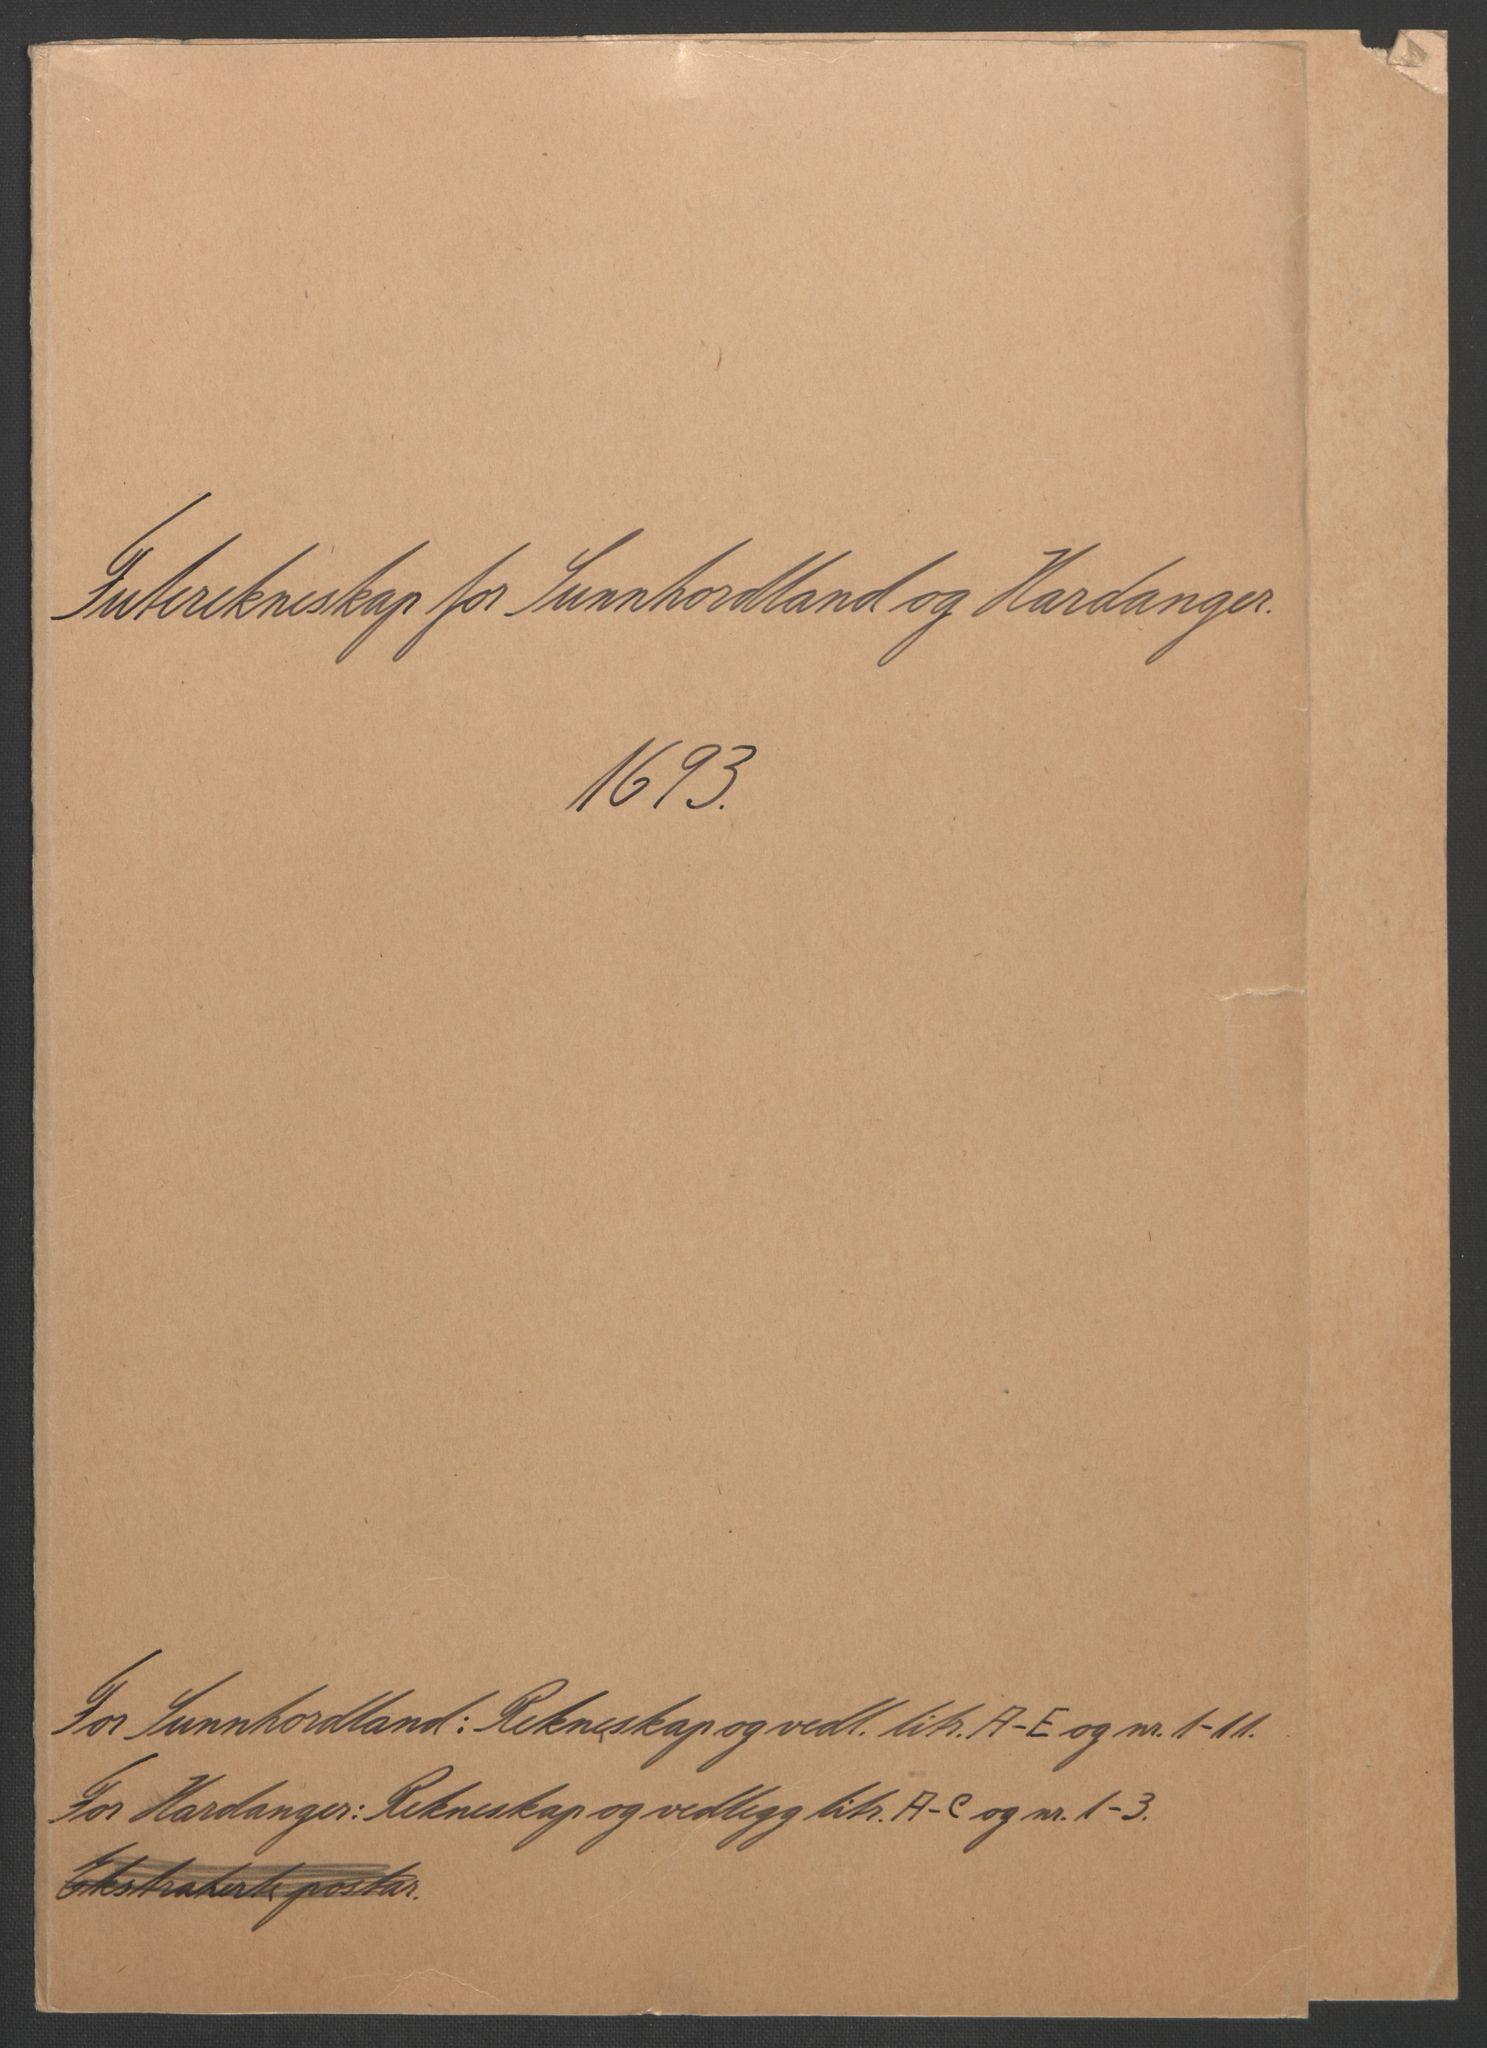 RA, Rentekammeret inntil 1814, Reviderte regnskaper, Fogderegnskap, R48/L2974: Fogderegnskap Sunnhordland og Hardanger, 1693, s. 3